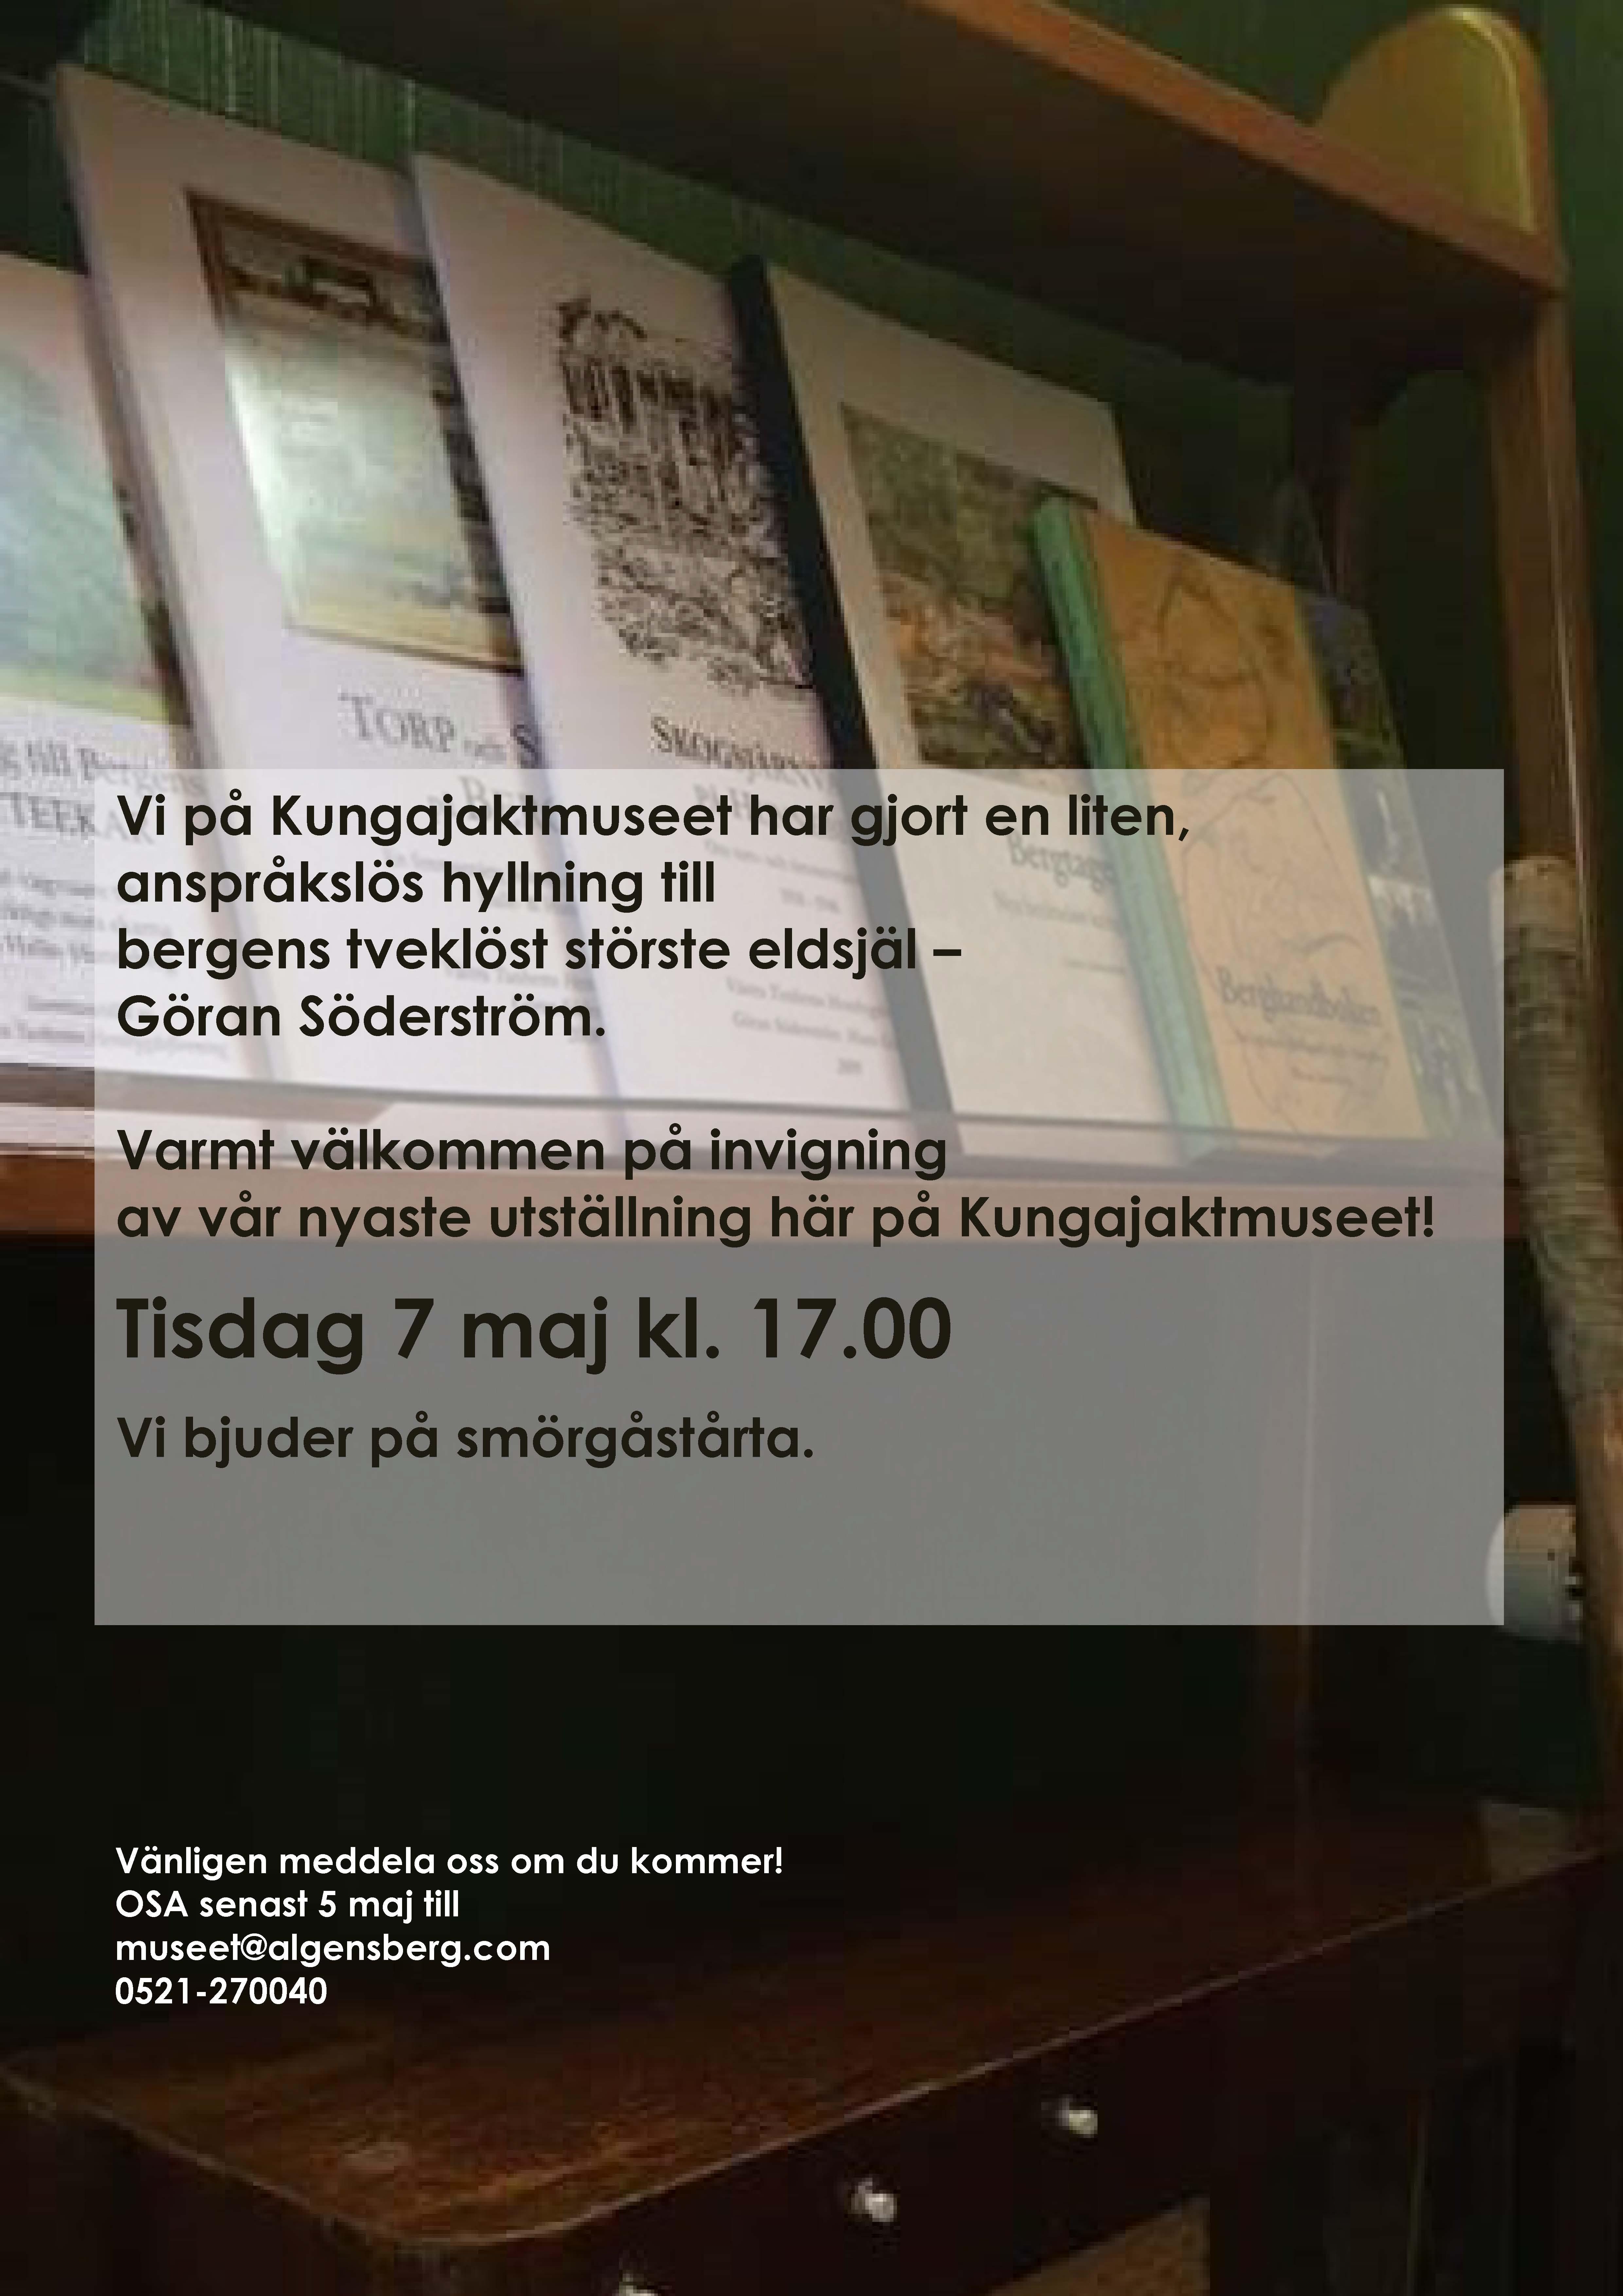 Inbjudan utställning Göran Söderström Kungajaktmuseet Älgens Berg Hunneberg Vänersborg